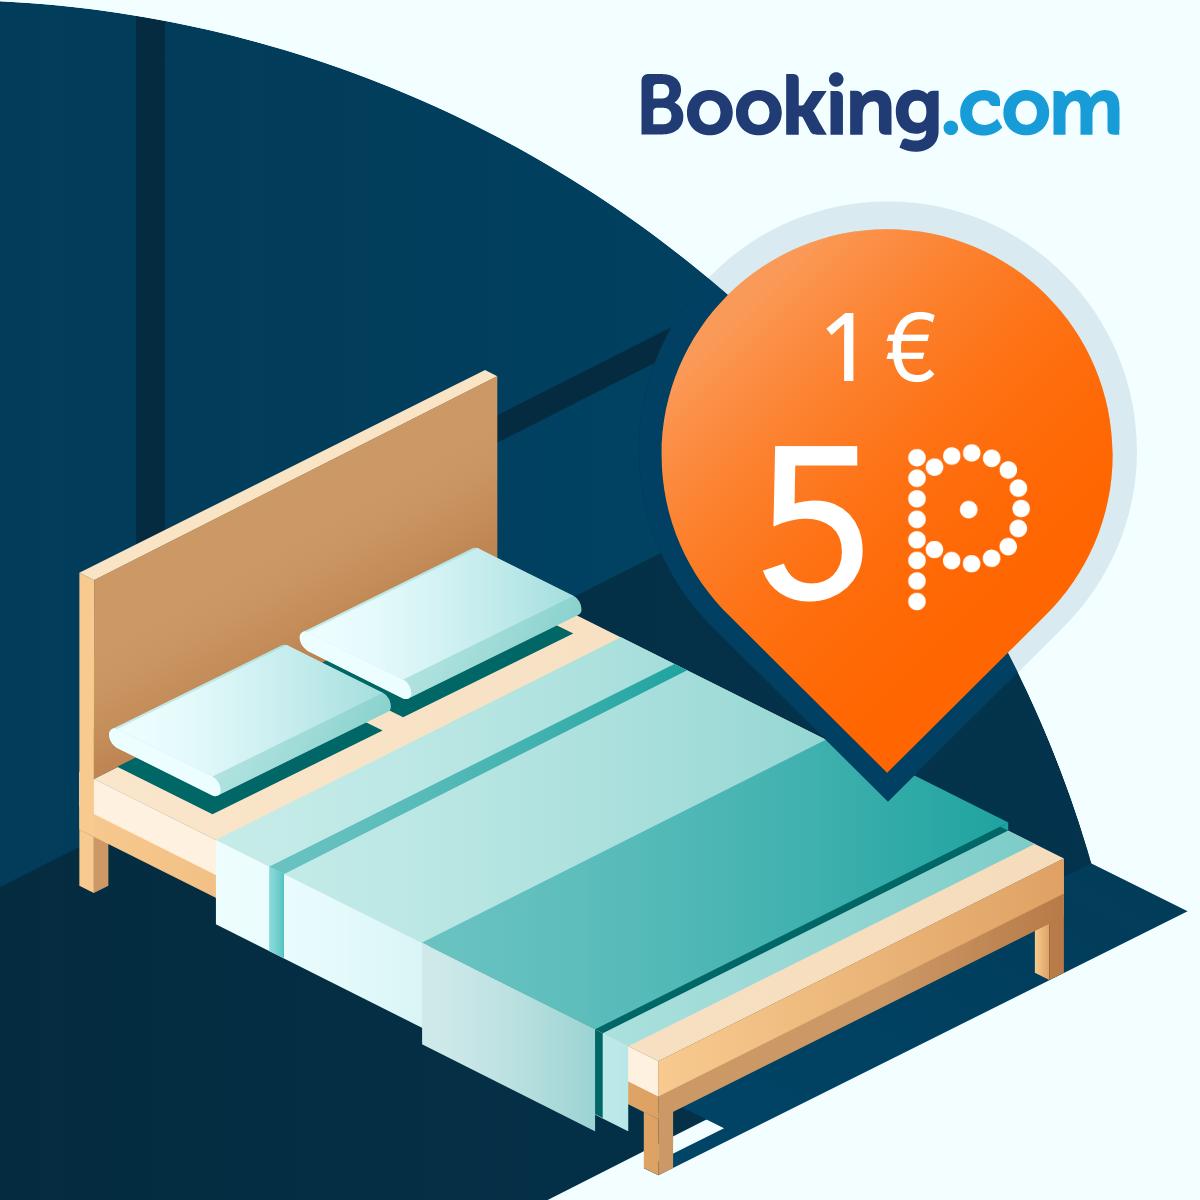 Tee varaus  Booking.com/pins-sivulla ja kerää 5 PINSiä/EUR! image